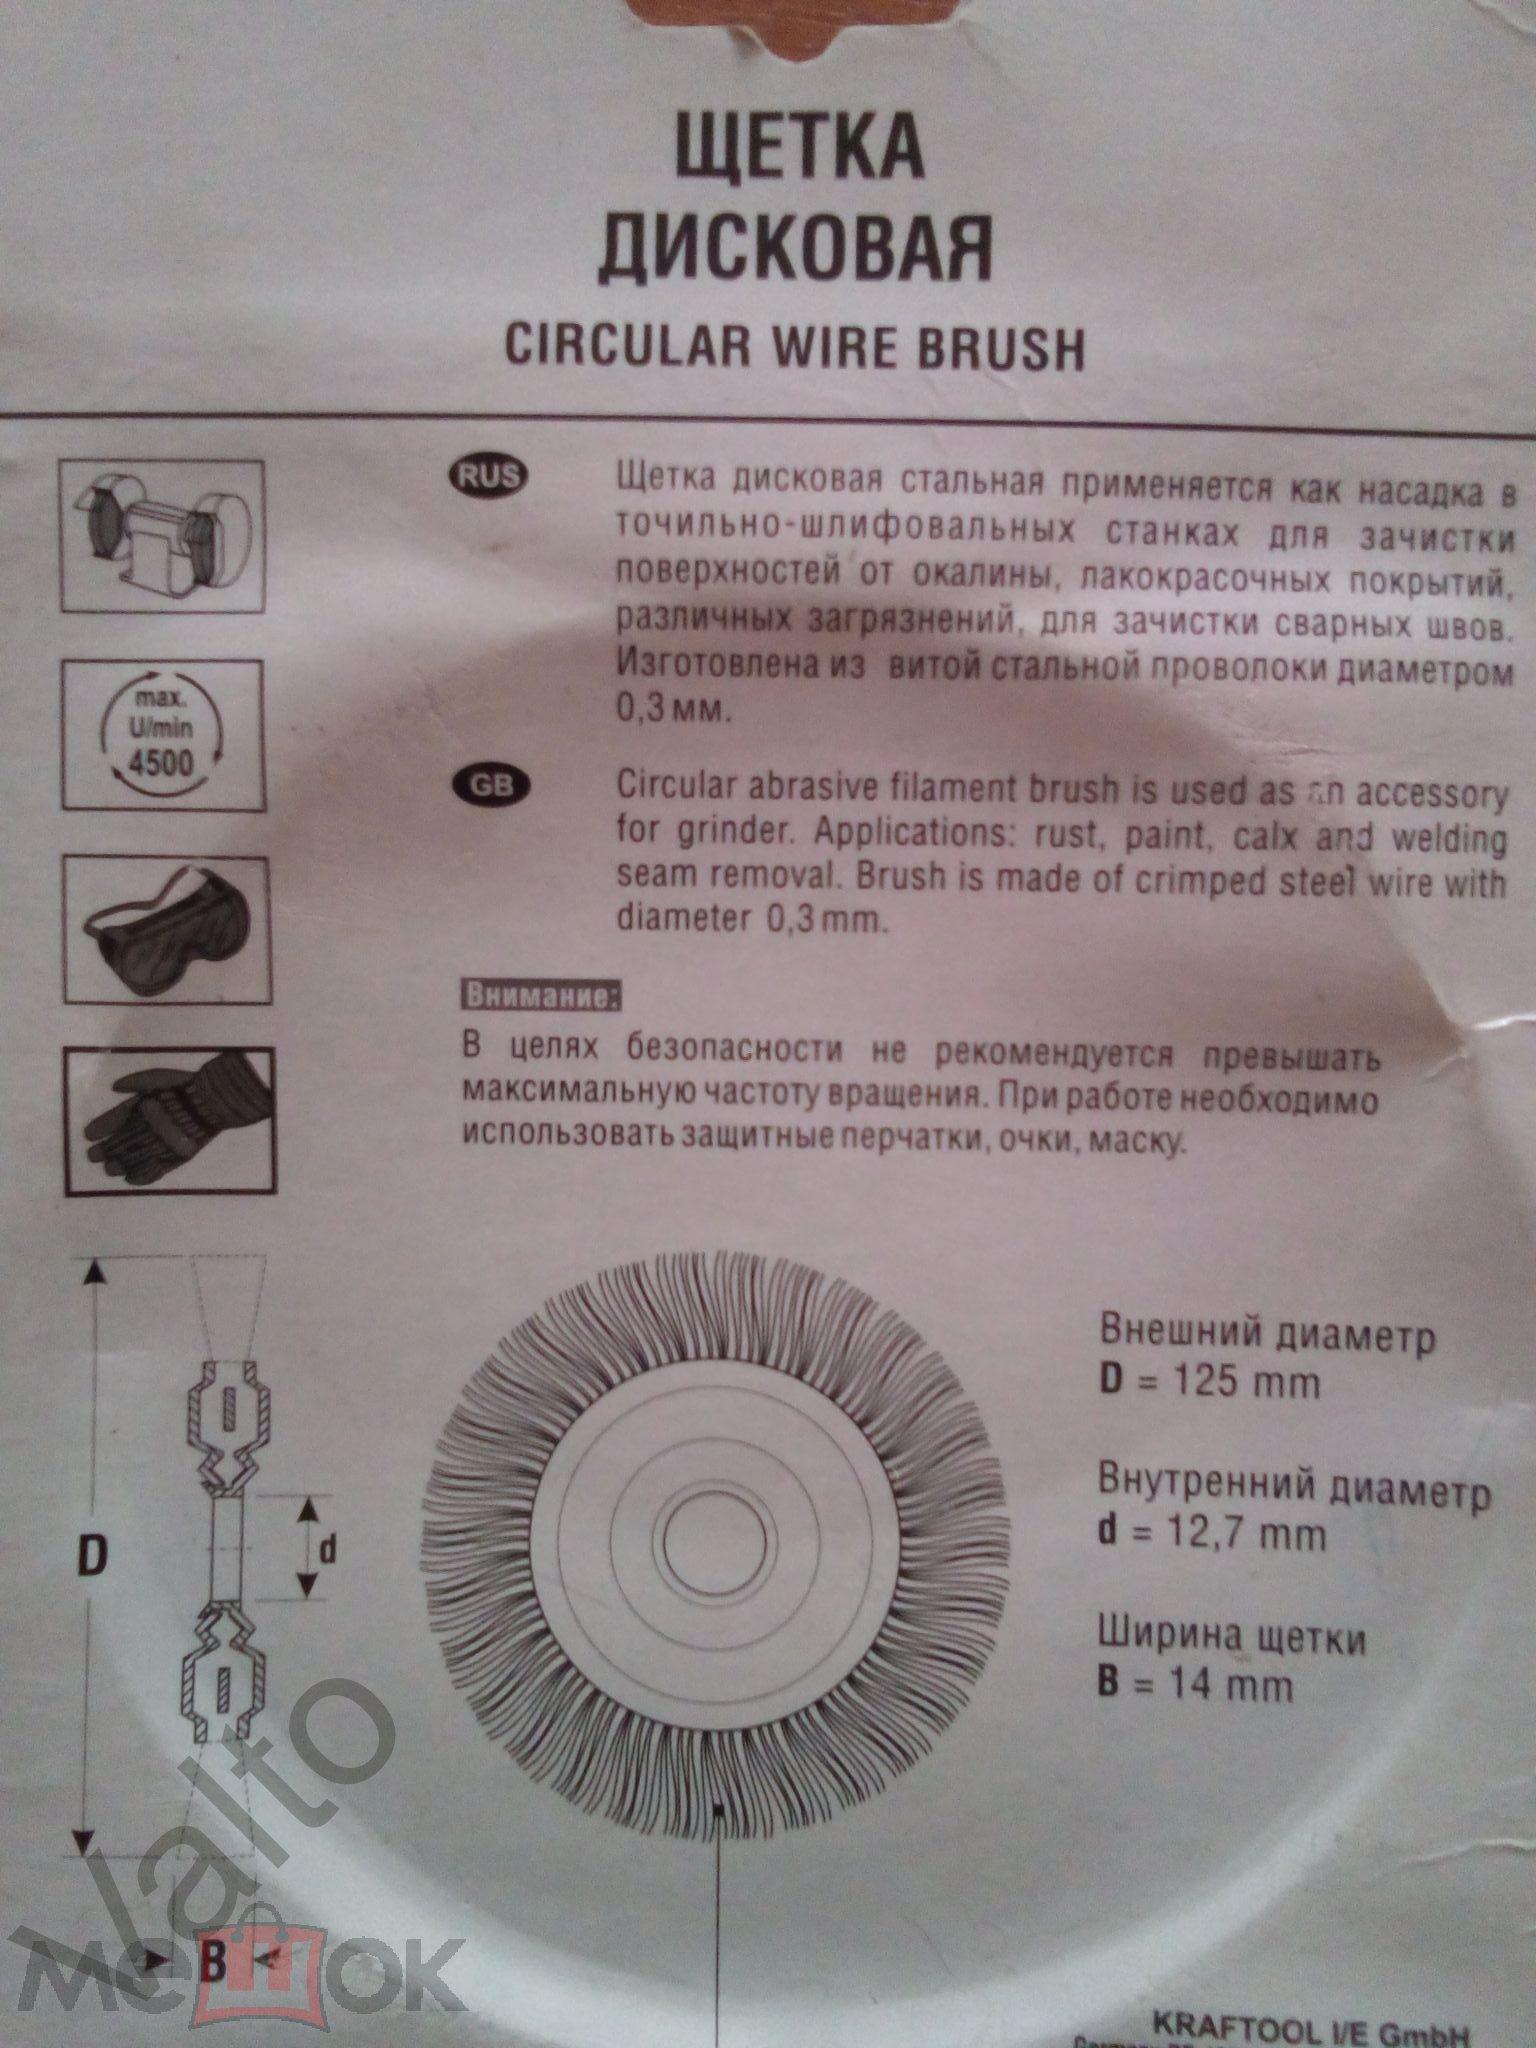 Щетка дисковая для точильно-шлифовального станка 125 мм /диск, круг для станка /